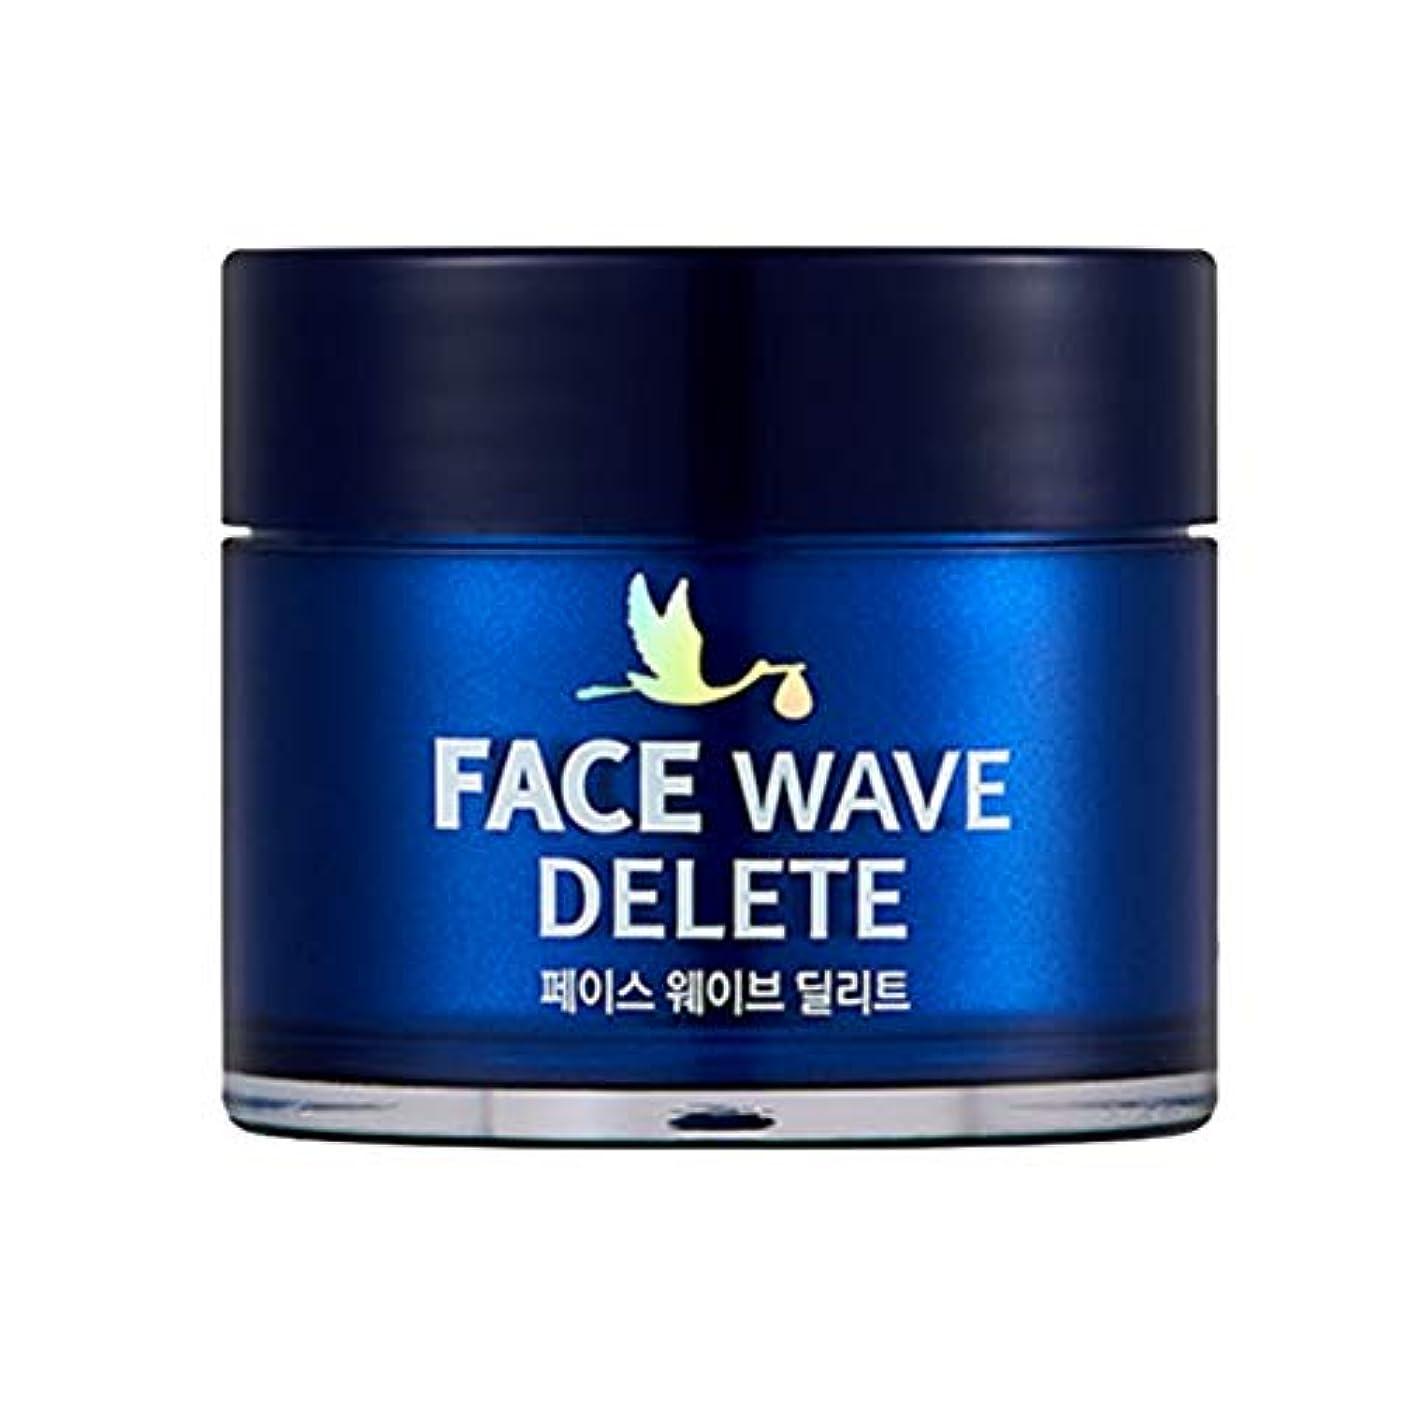 協同要求晩ごはんbona medusa FACE WAVE DELETE しわ集中改善クリームすべての肌用30g[海外直送品]